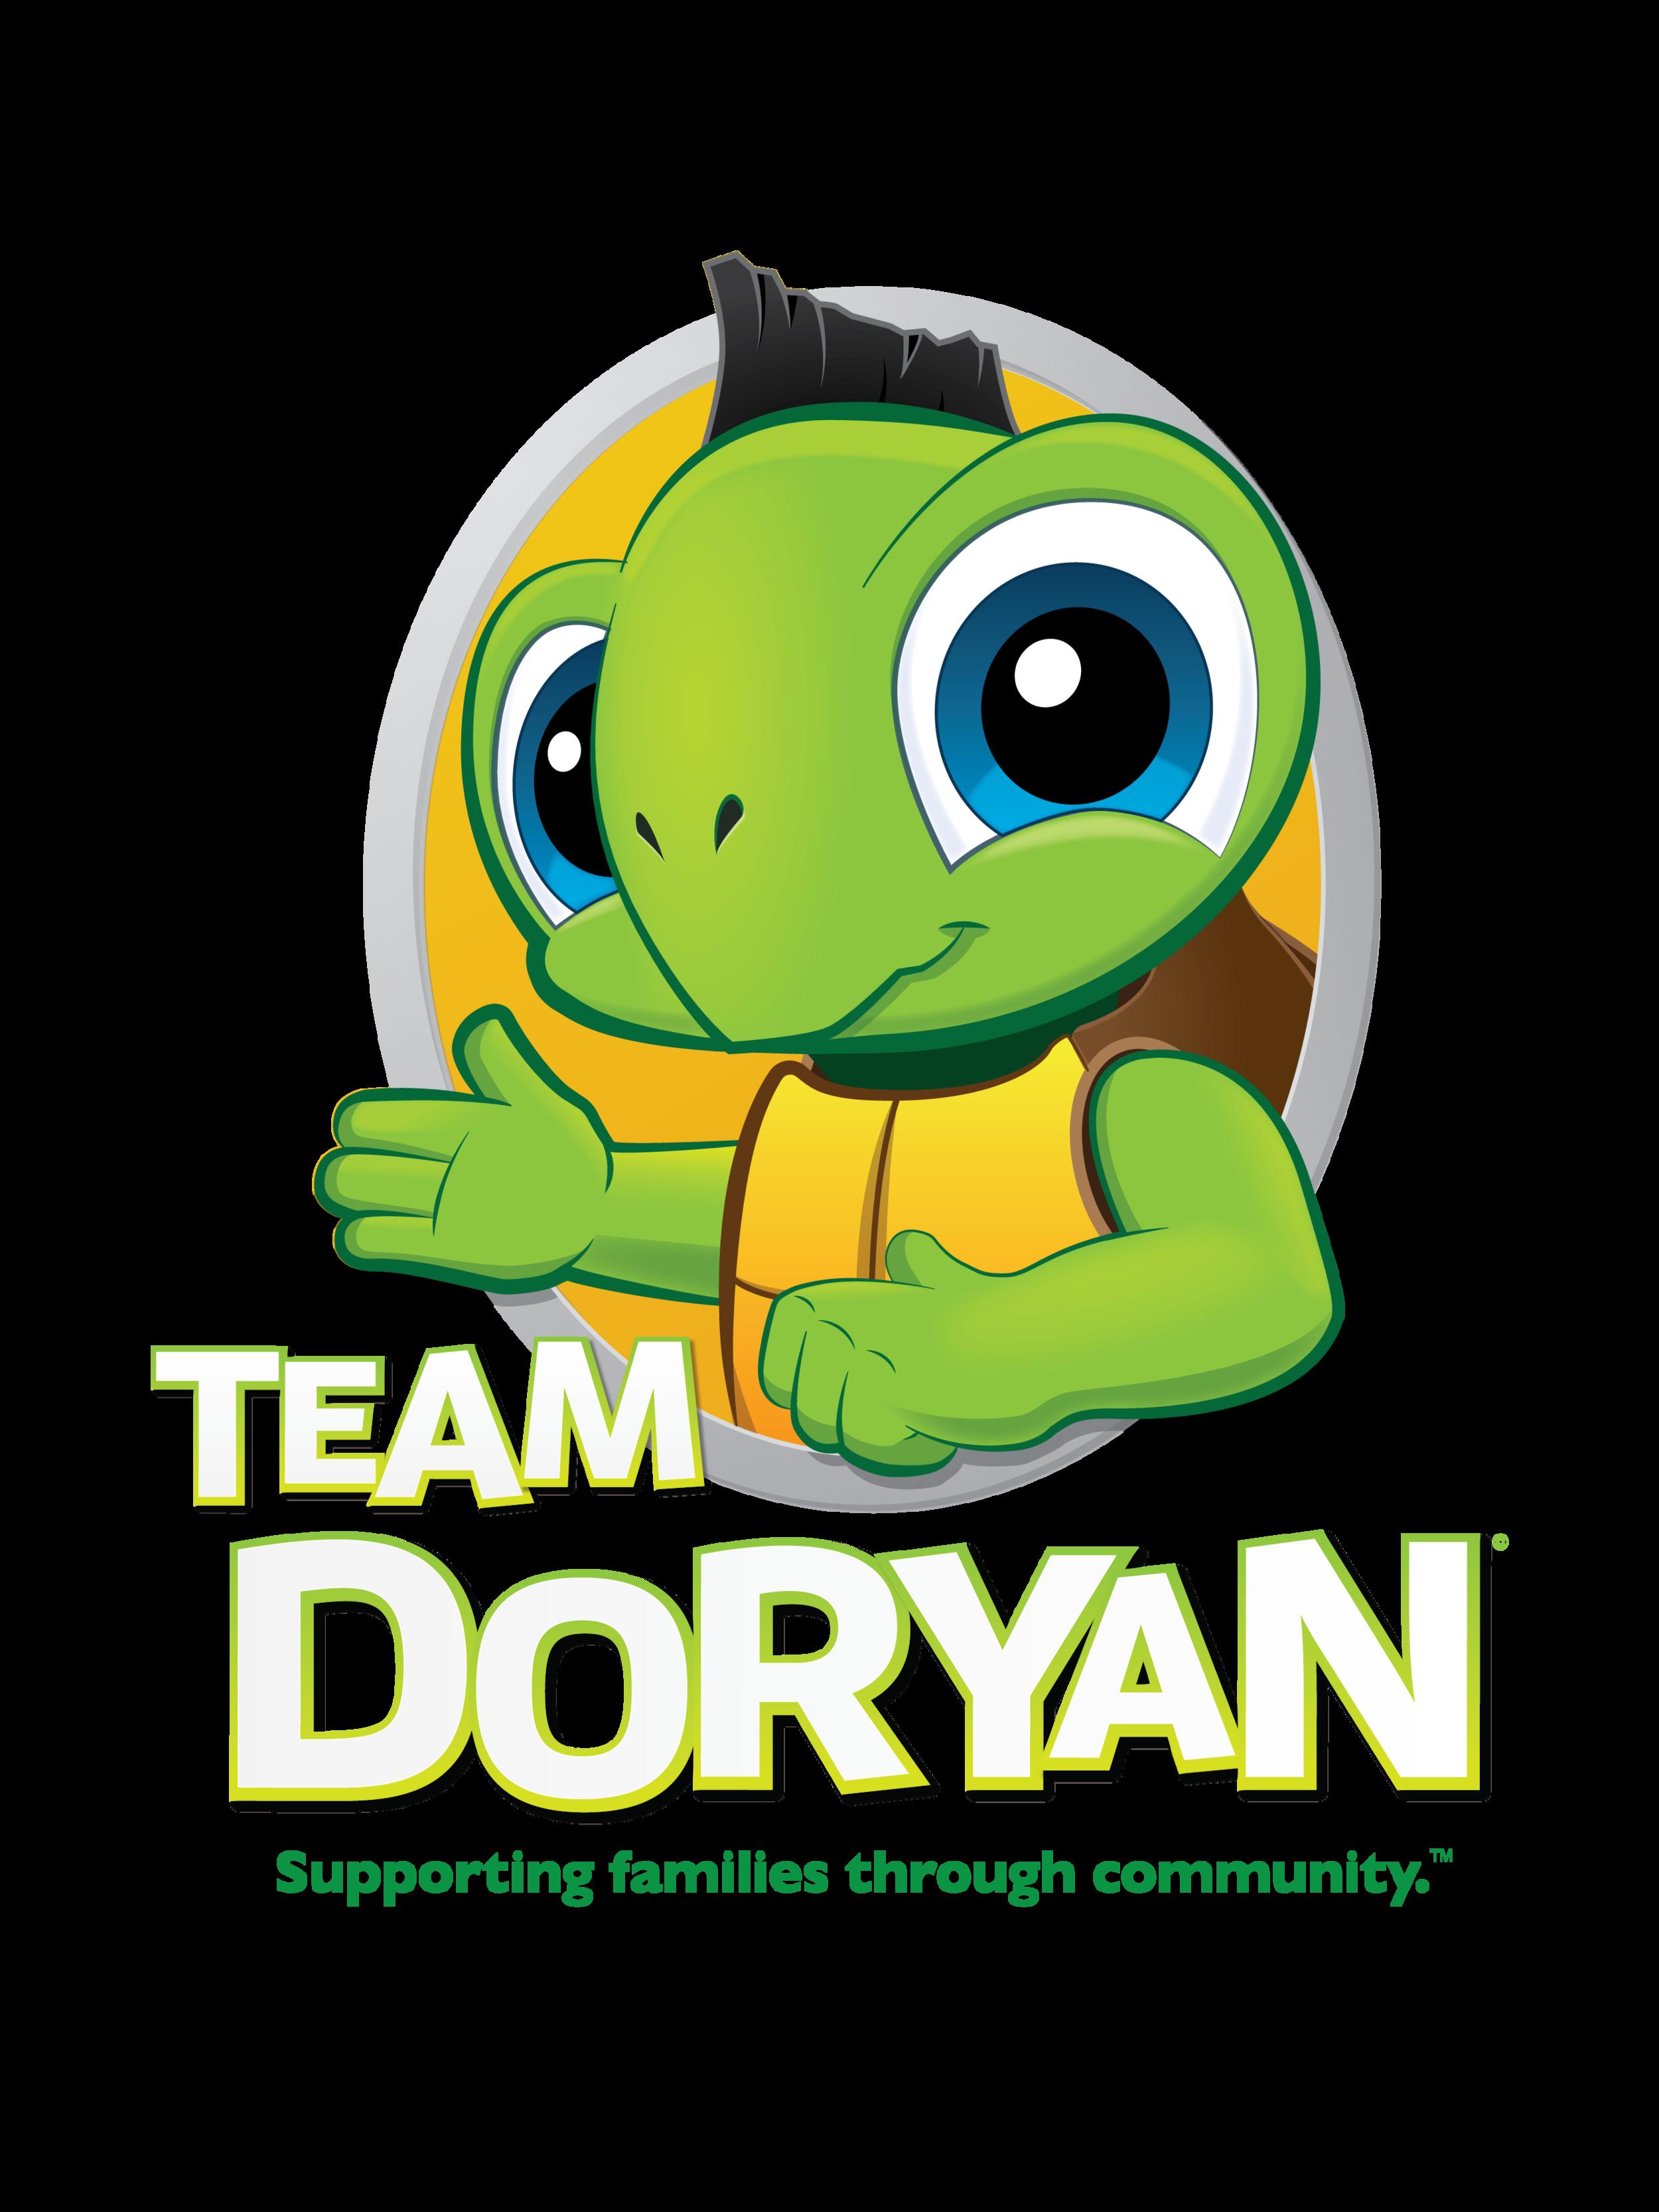 TEAM_DORYAN-Branding_Assets-Primary Logomark.png